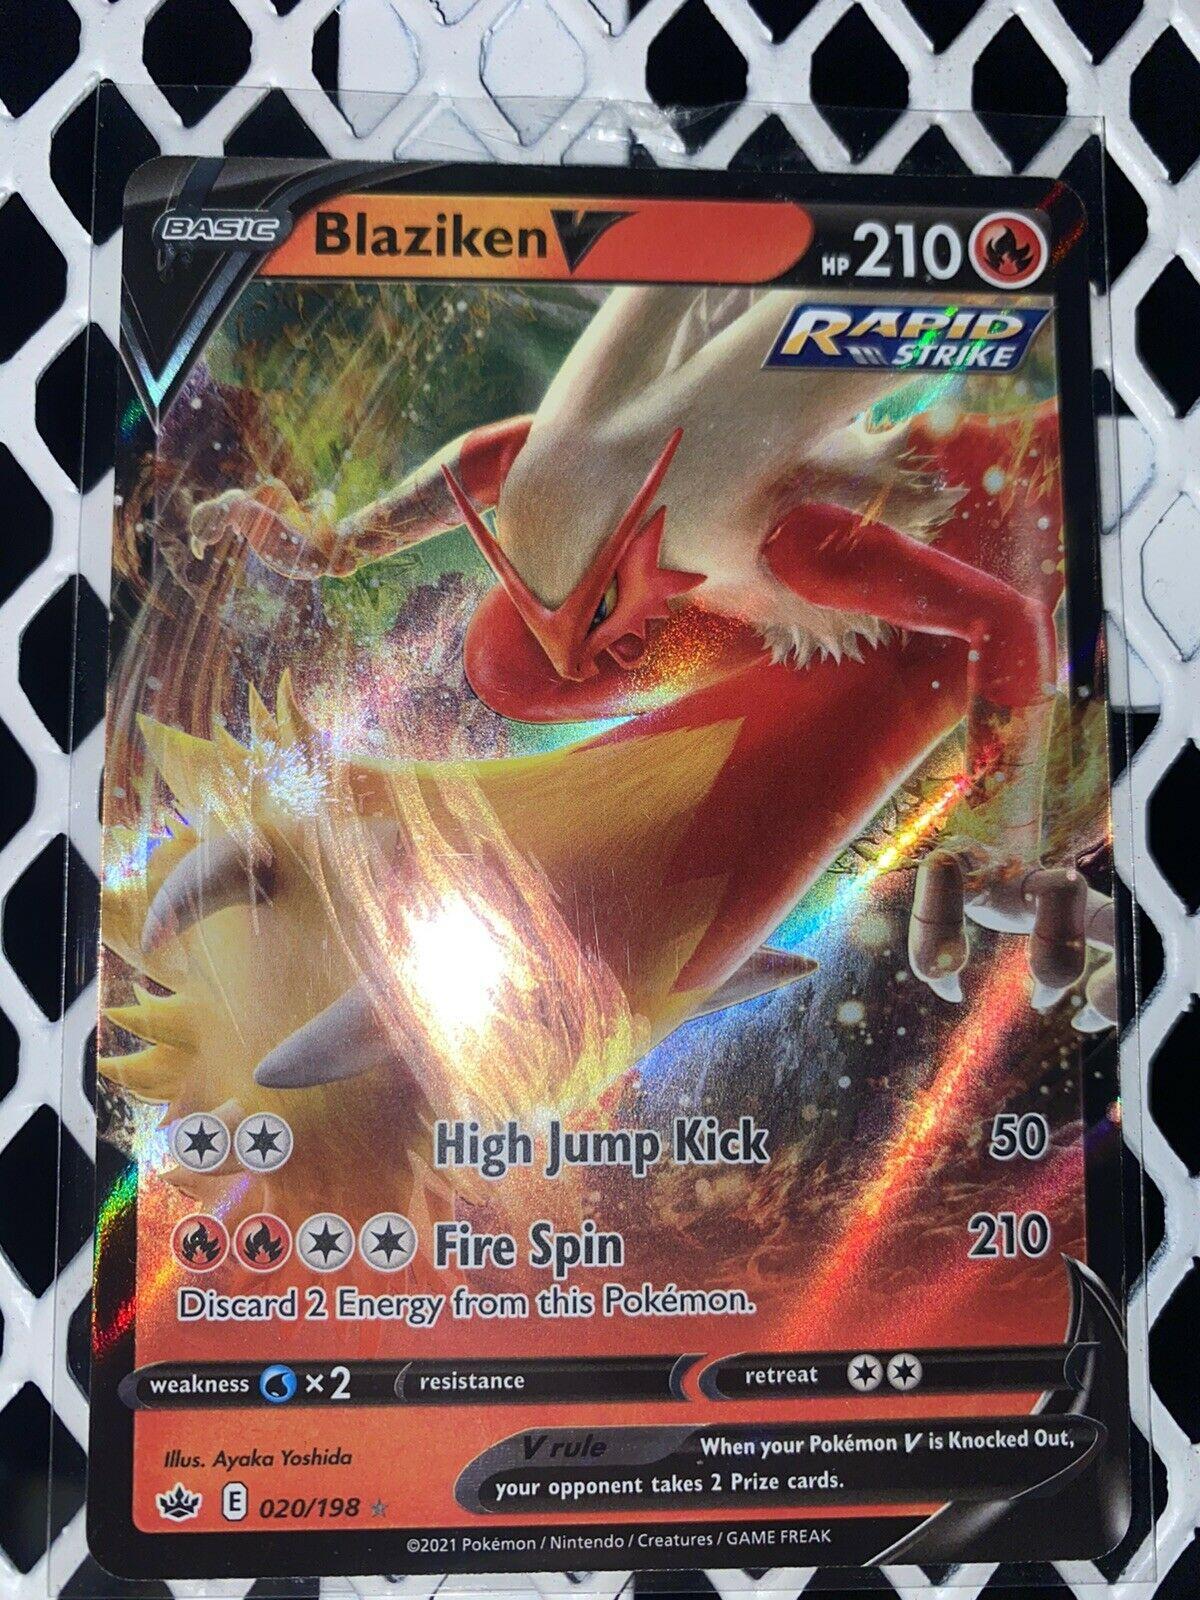 Pokemon: Chilling Reign 020/198 -BLAZIKEN V- Full Art Holo